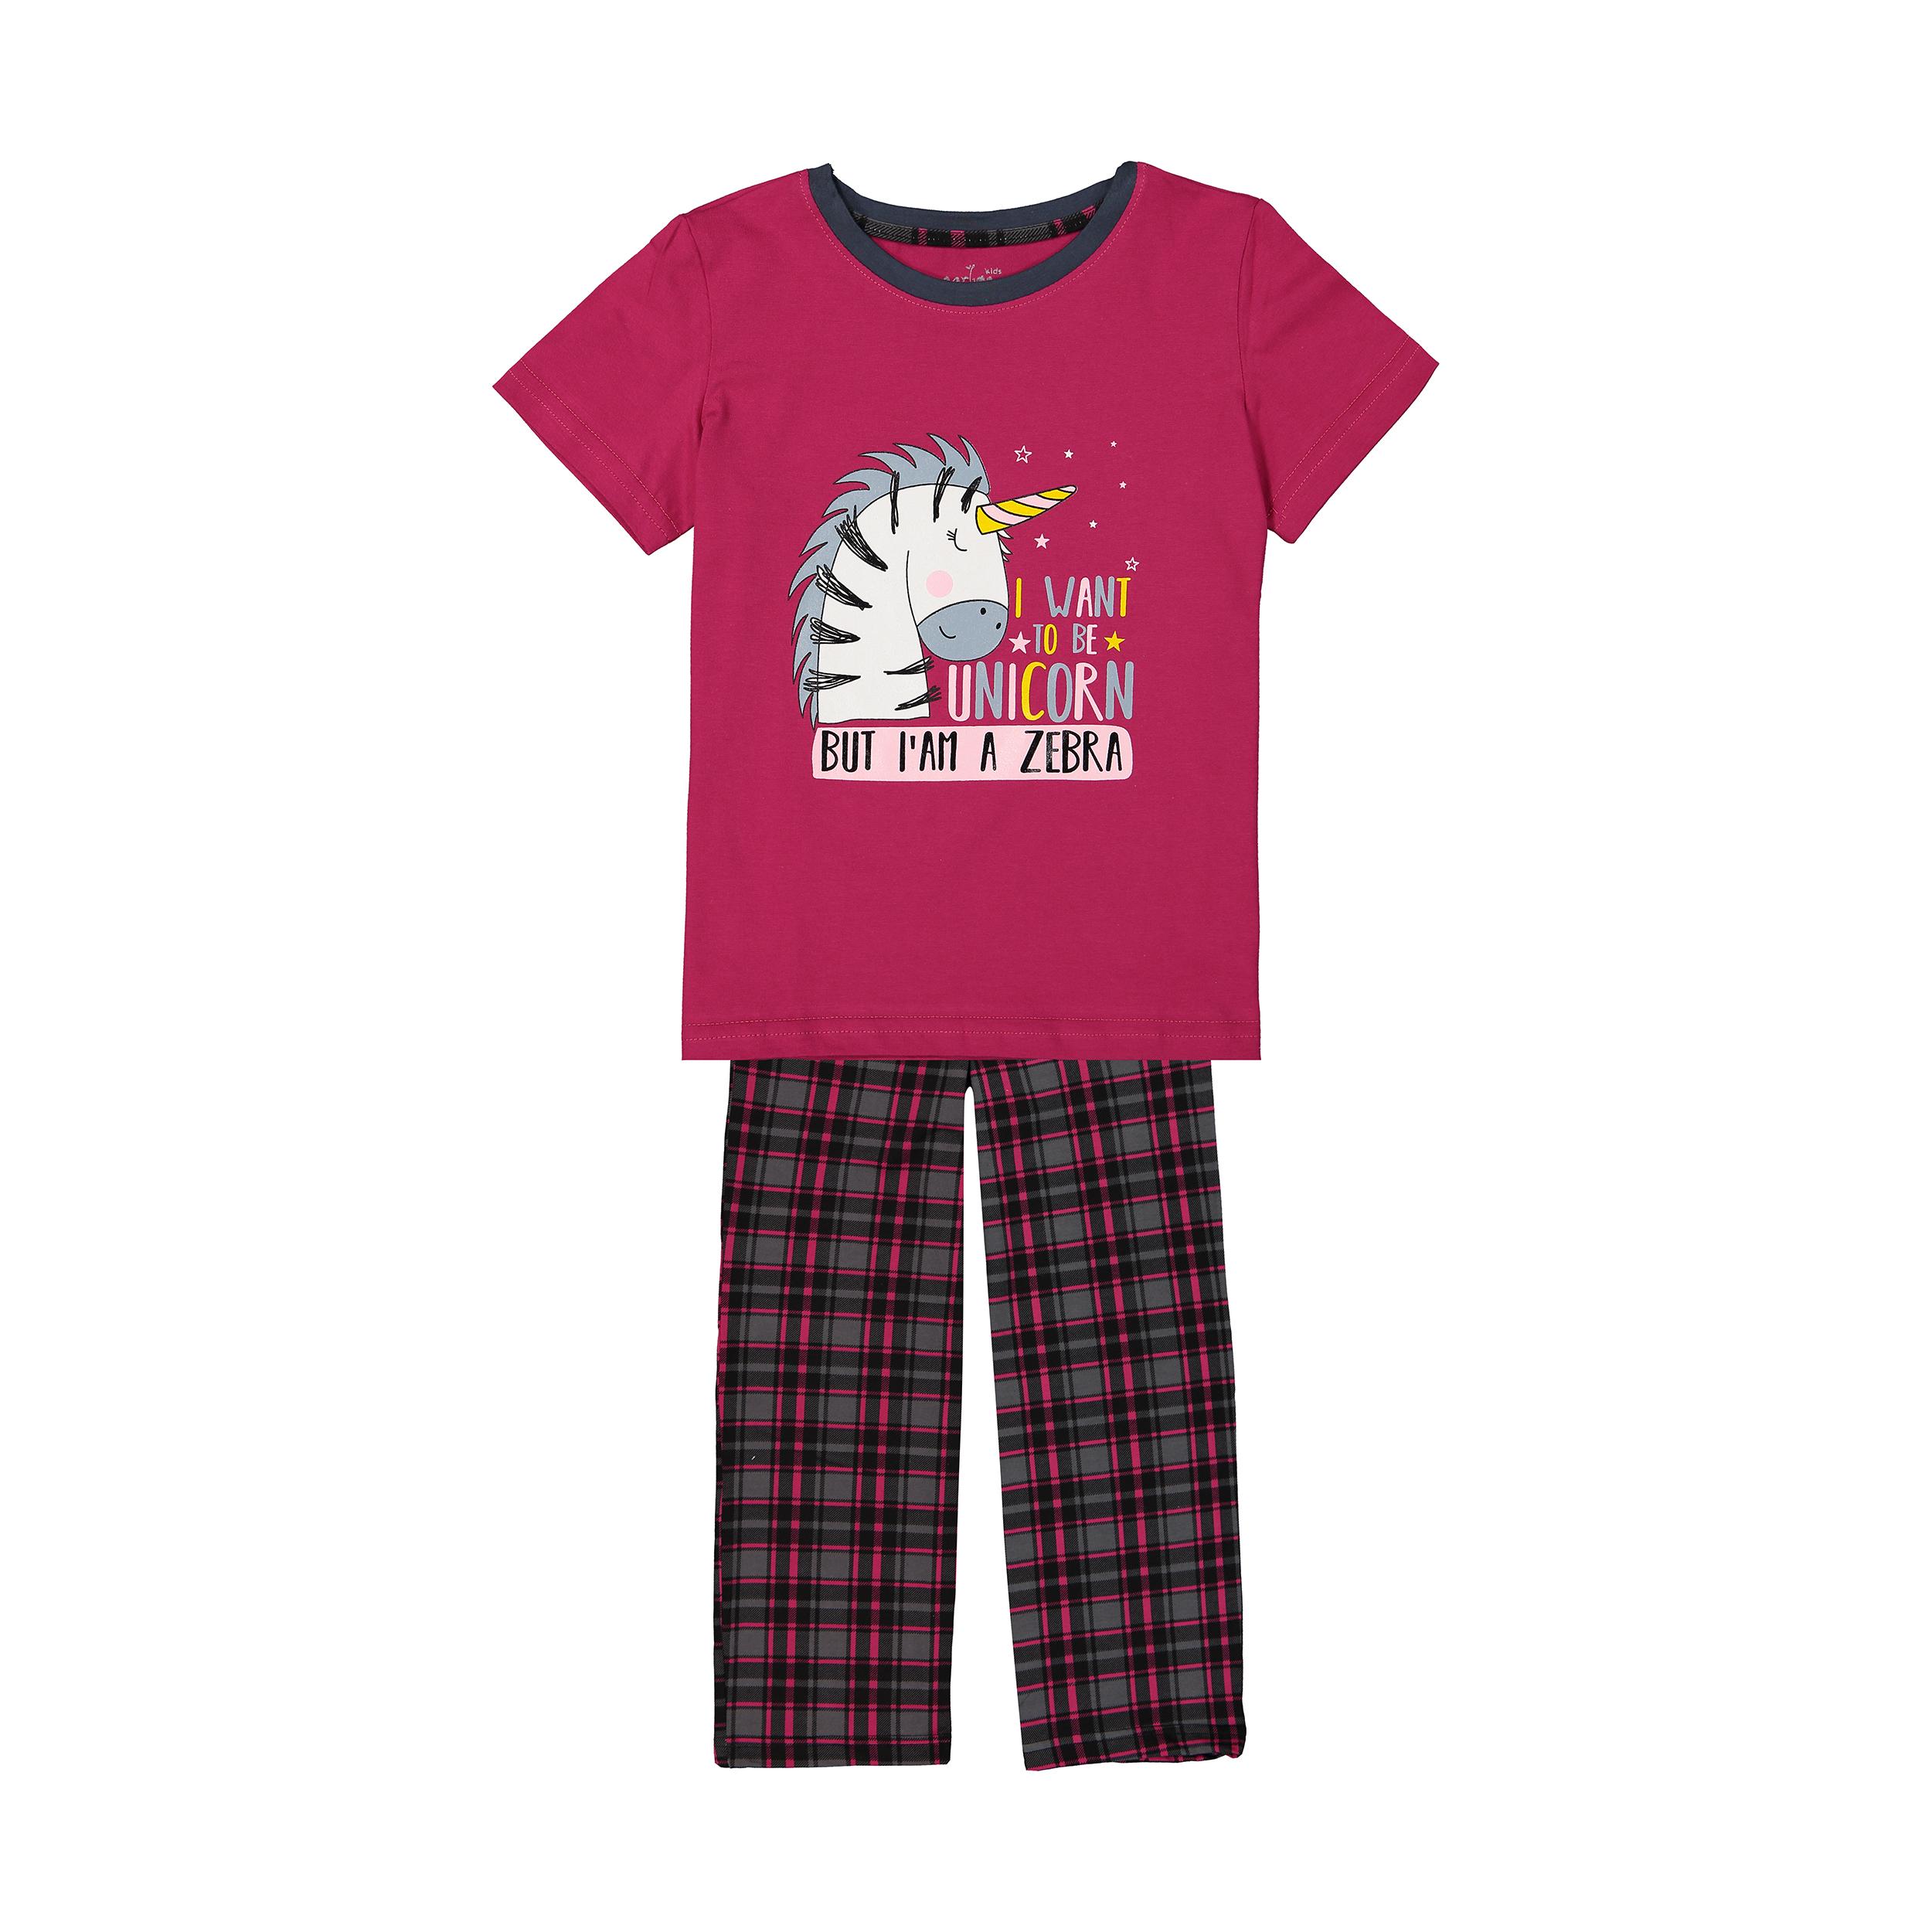 ست تی شرت و شلوار راحتی دخترانه ناربن مدل 1521174-88